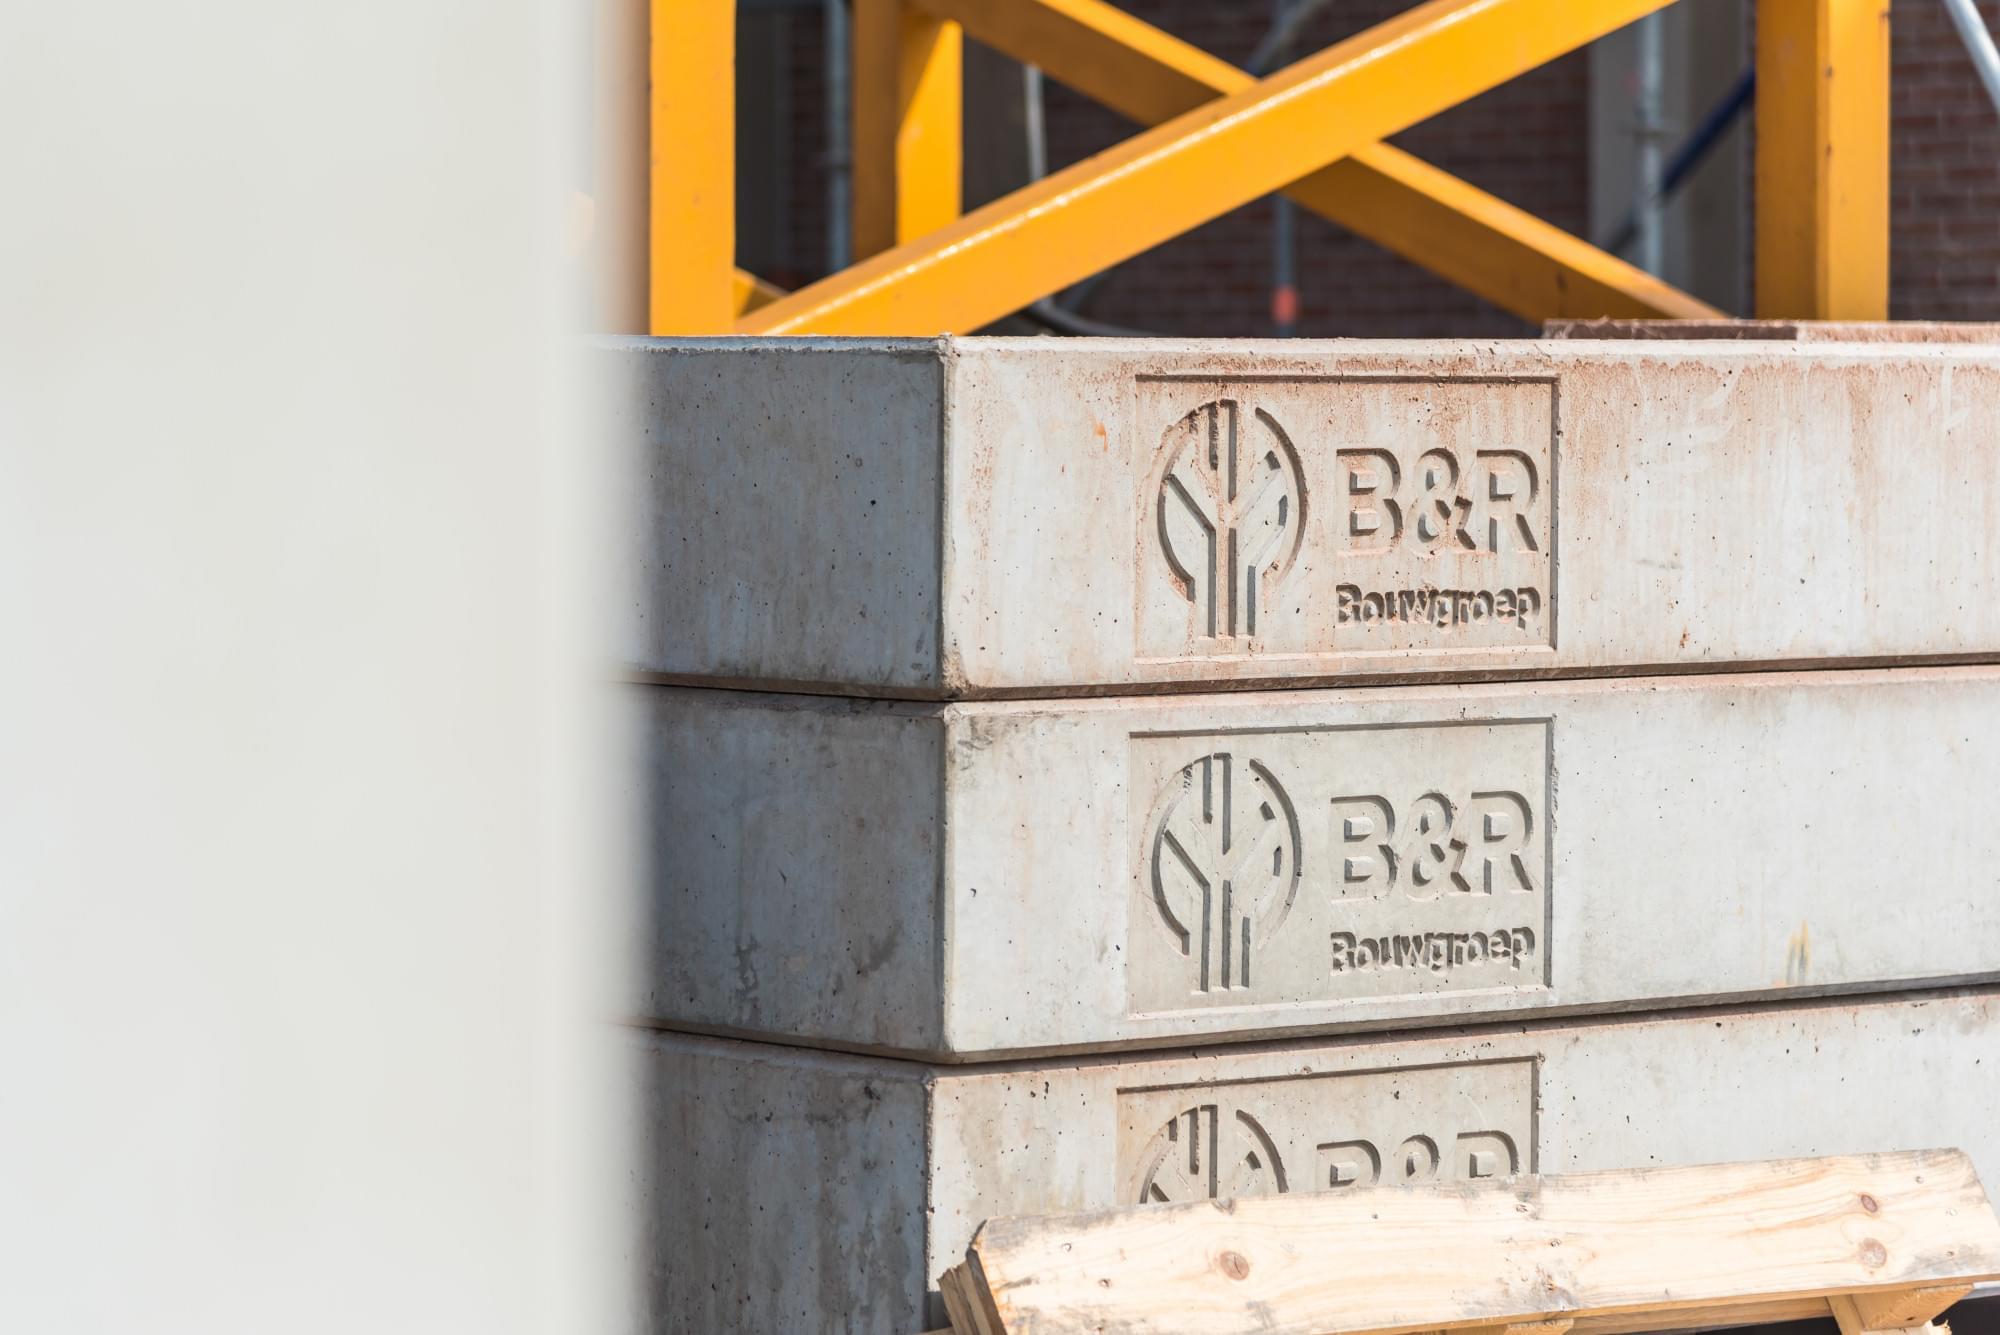 Bouwbedrijf Hooyberghs - B&R Bouwgroep